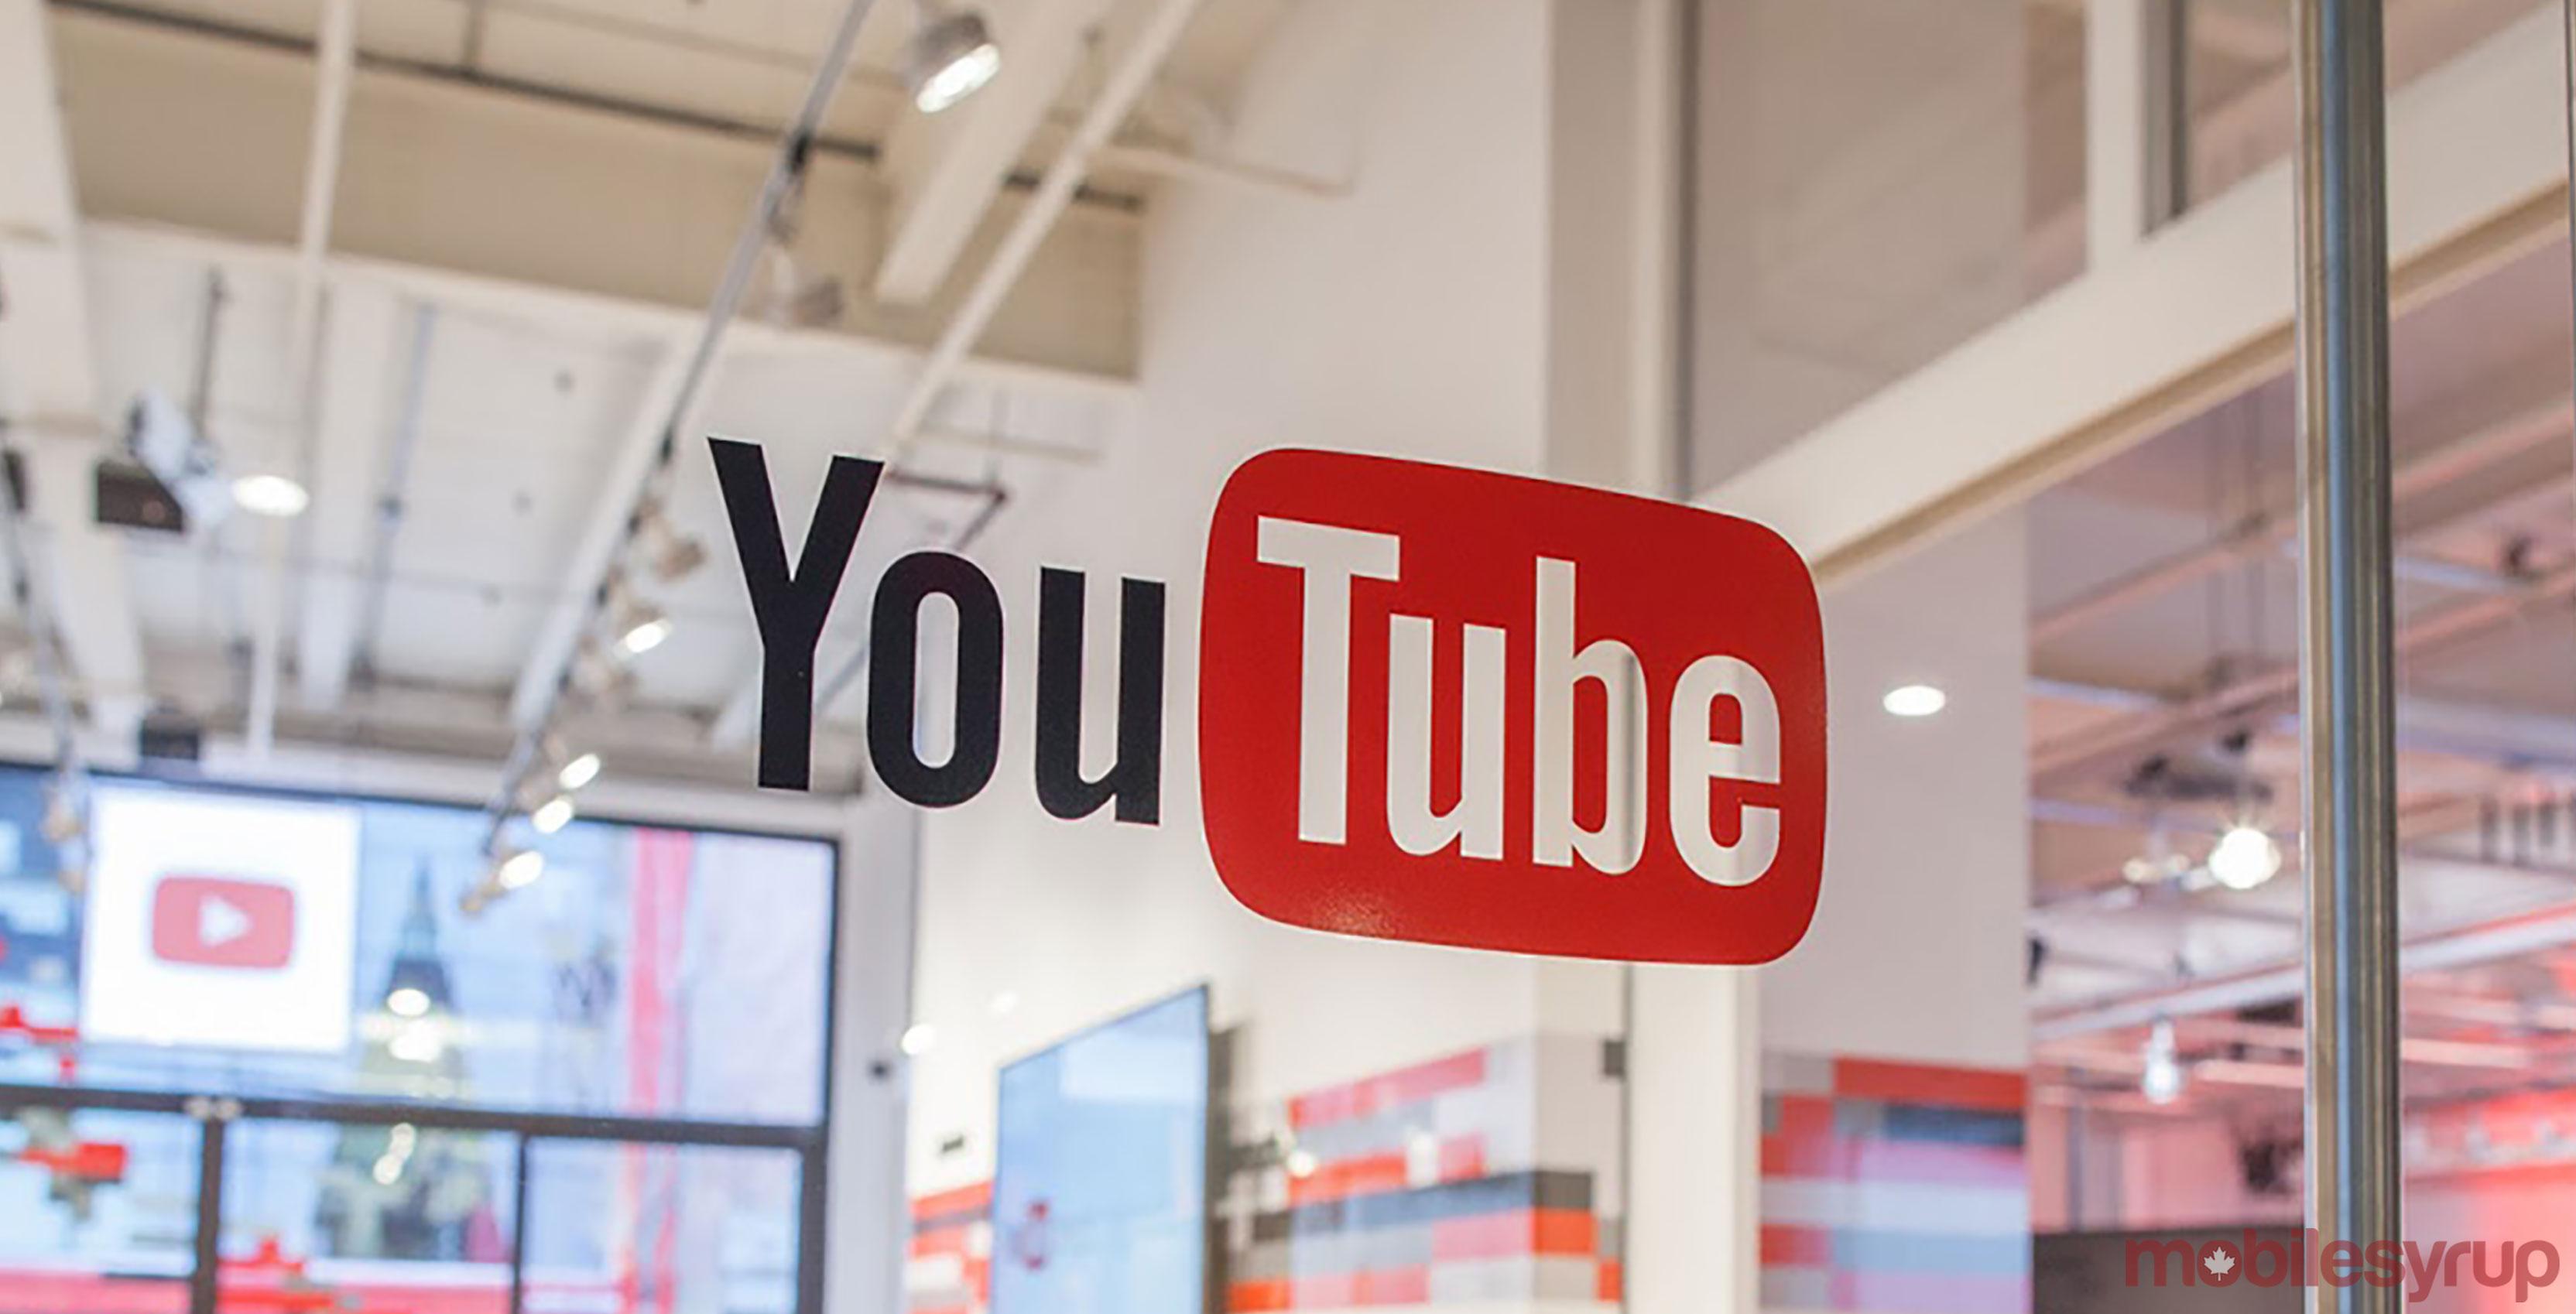 YouTube logo on window